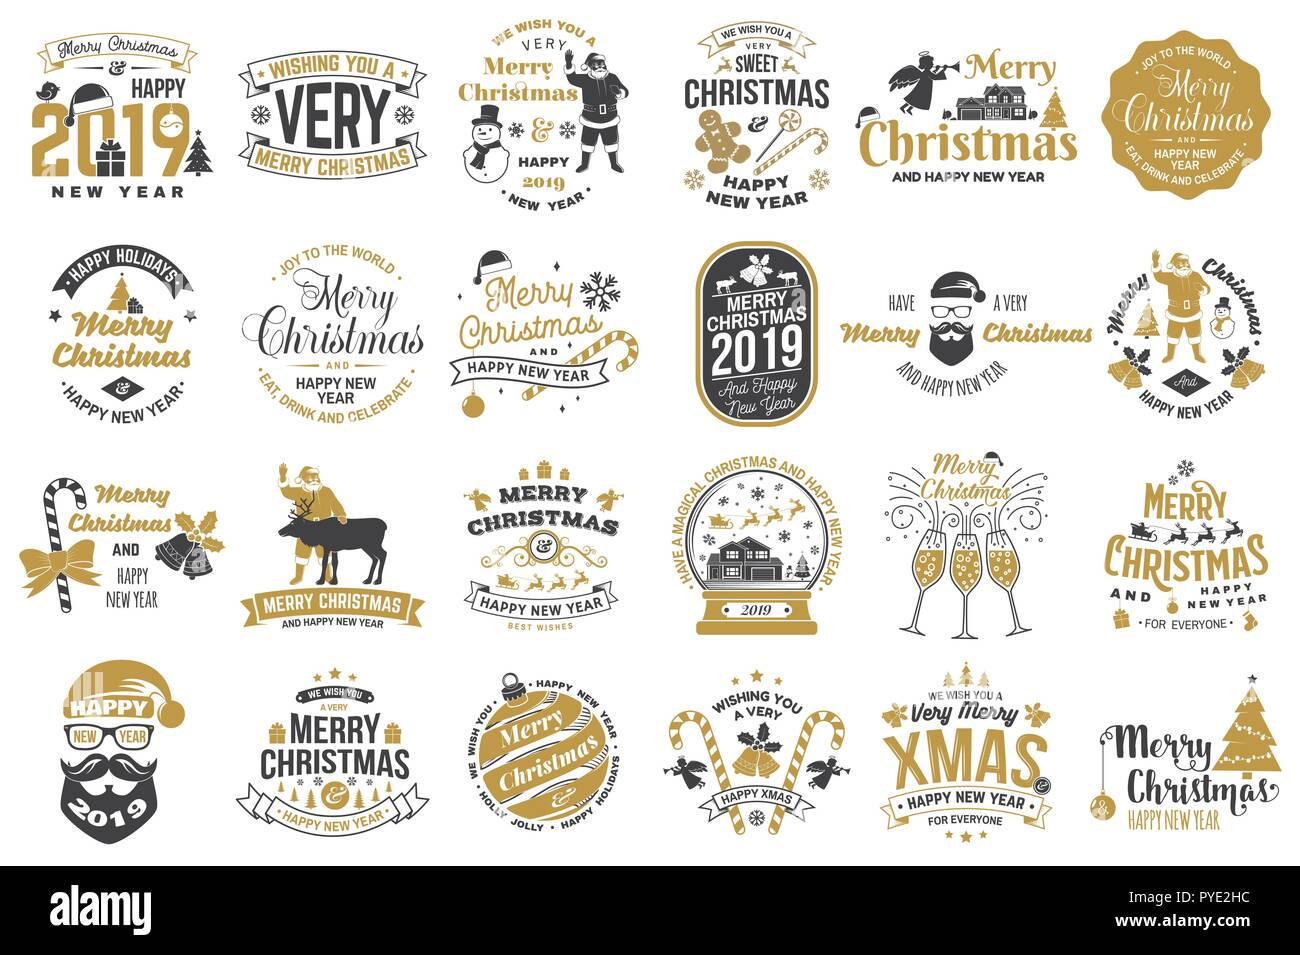 Juego De Feliz Navidad Y Feliz Ano Nuevo 2019 Sellos Adhesivos